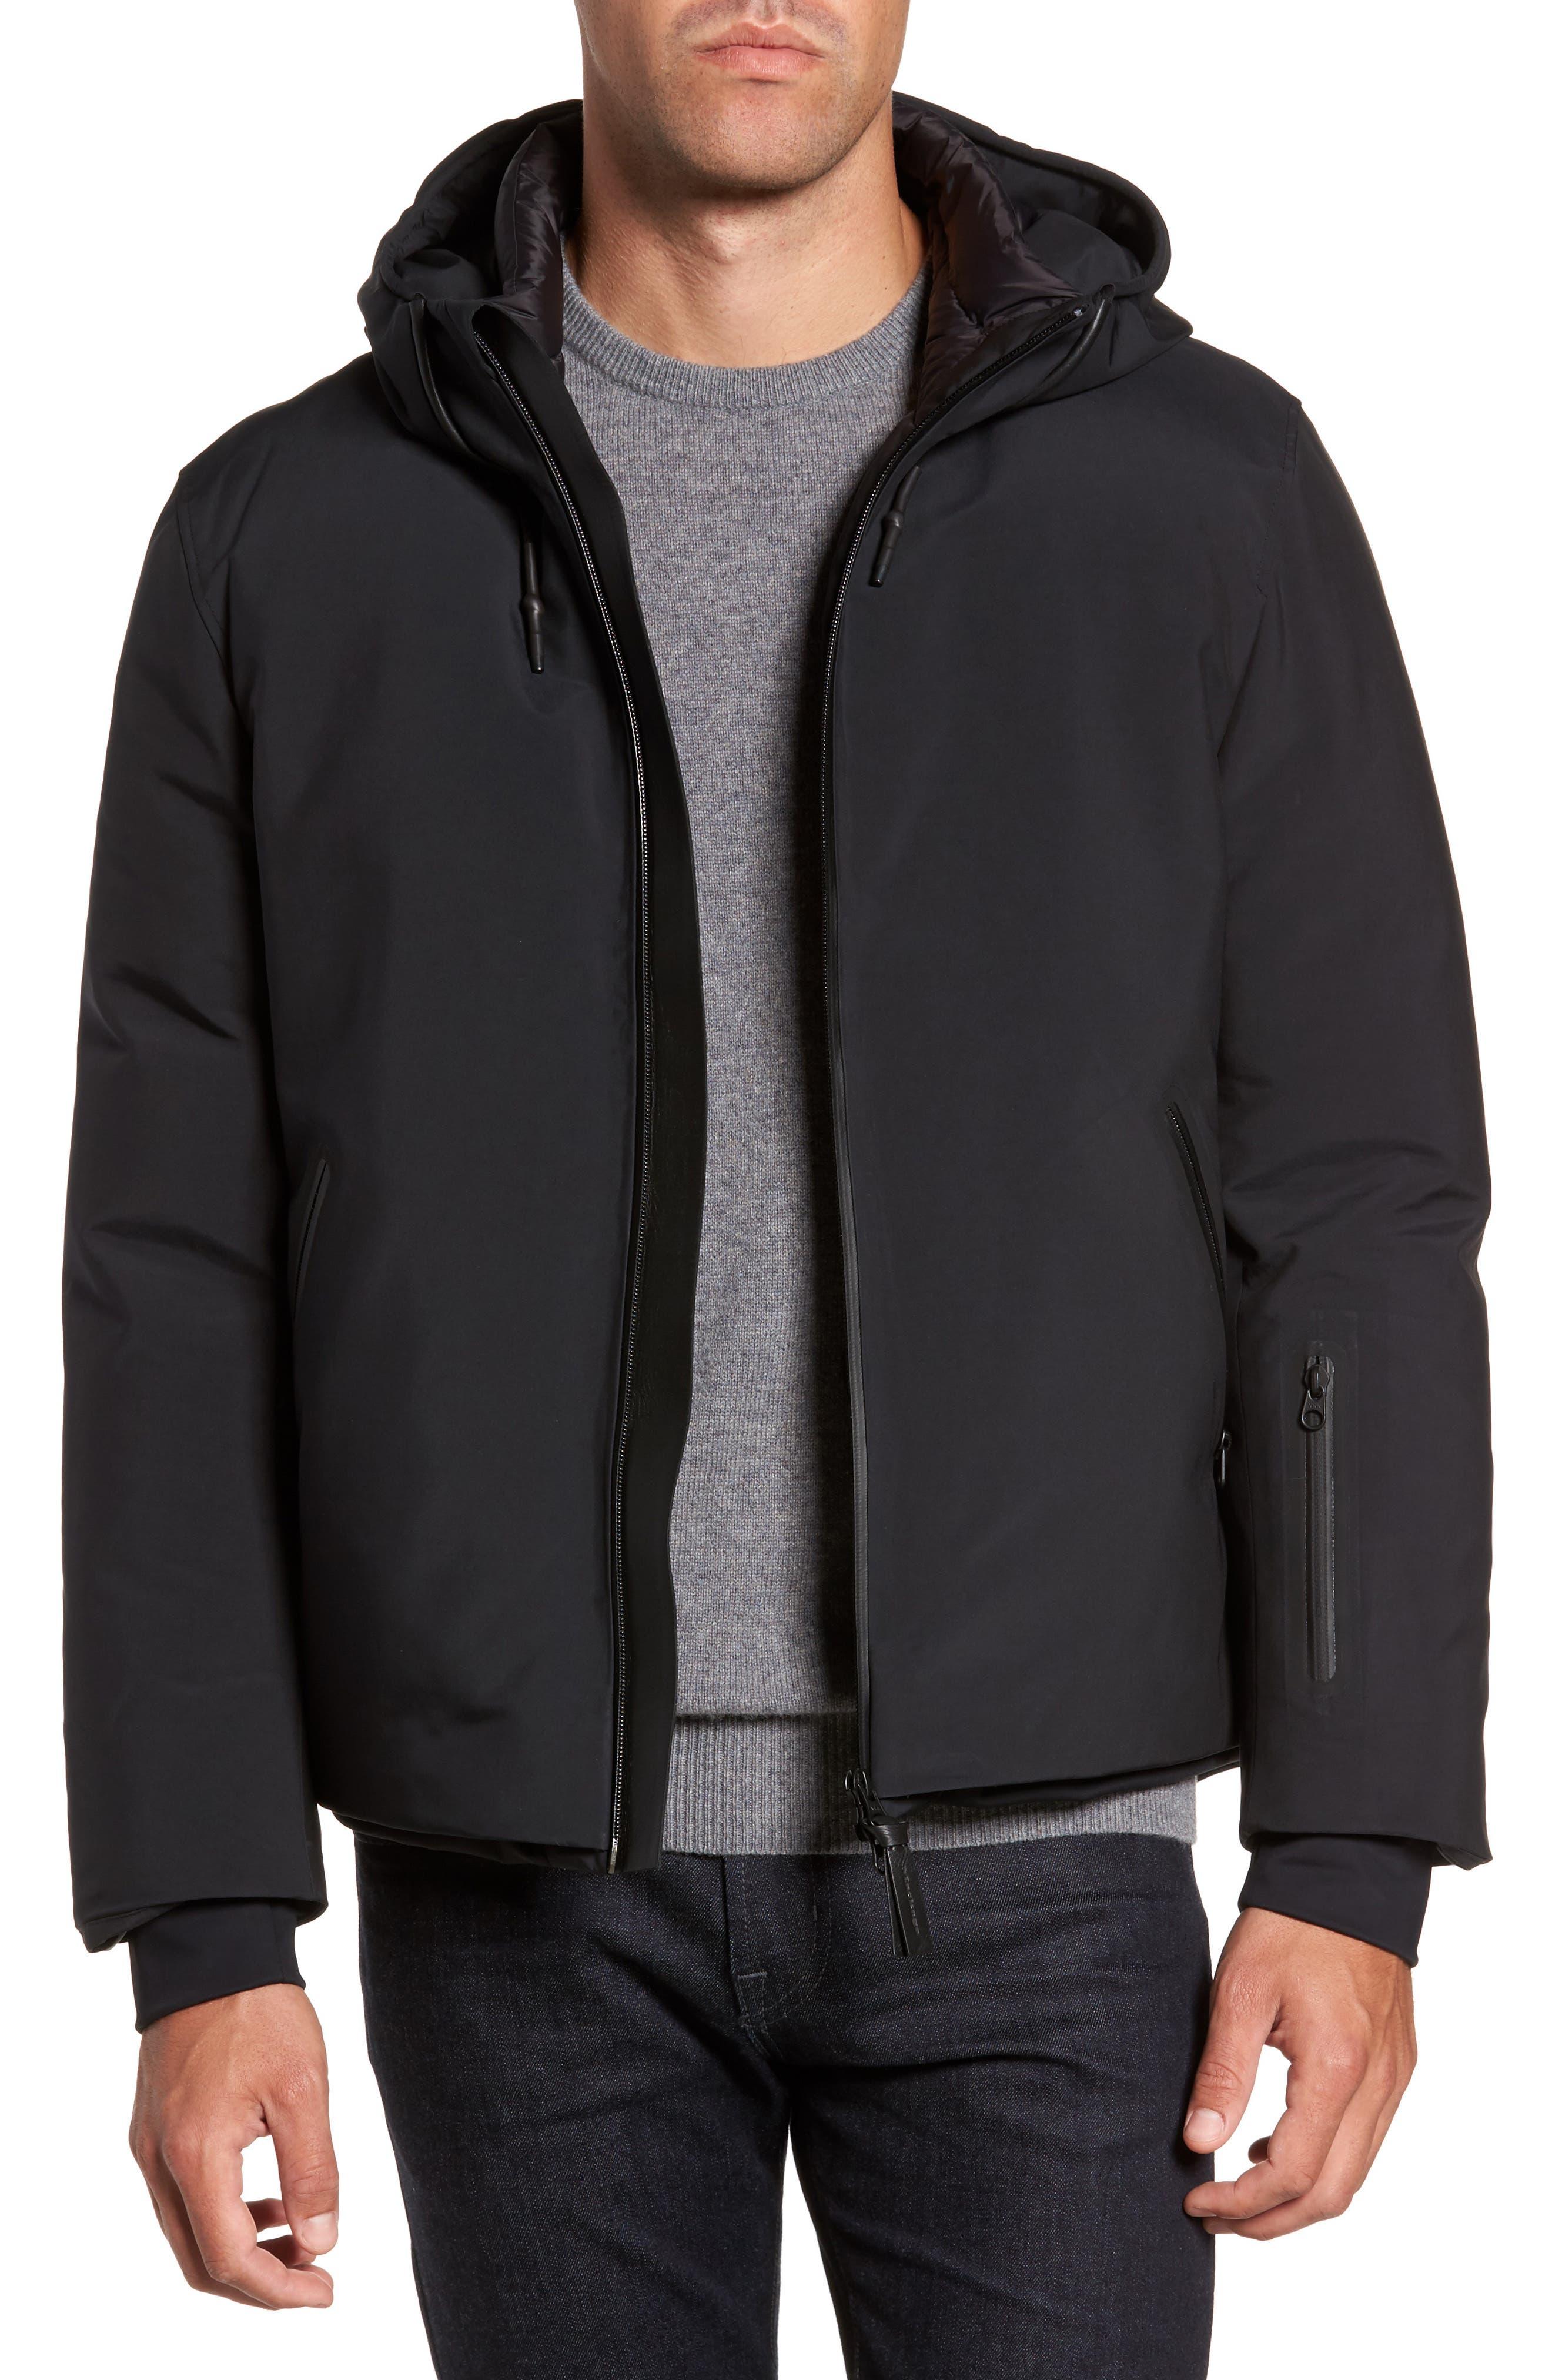 Alternate Image 1 Selected - Mackage Down Jacket